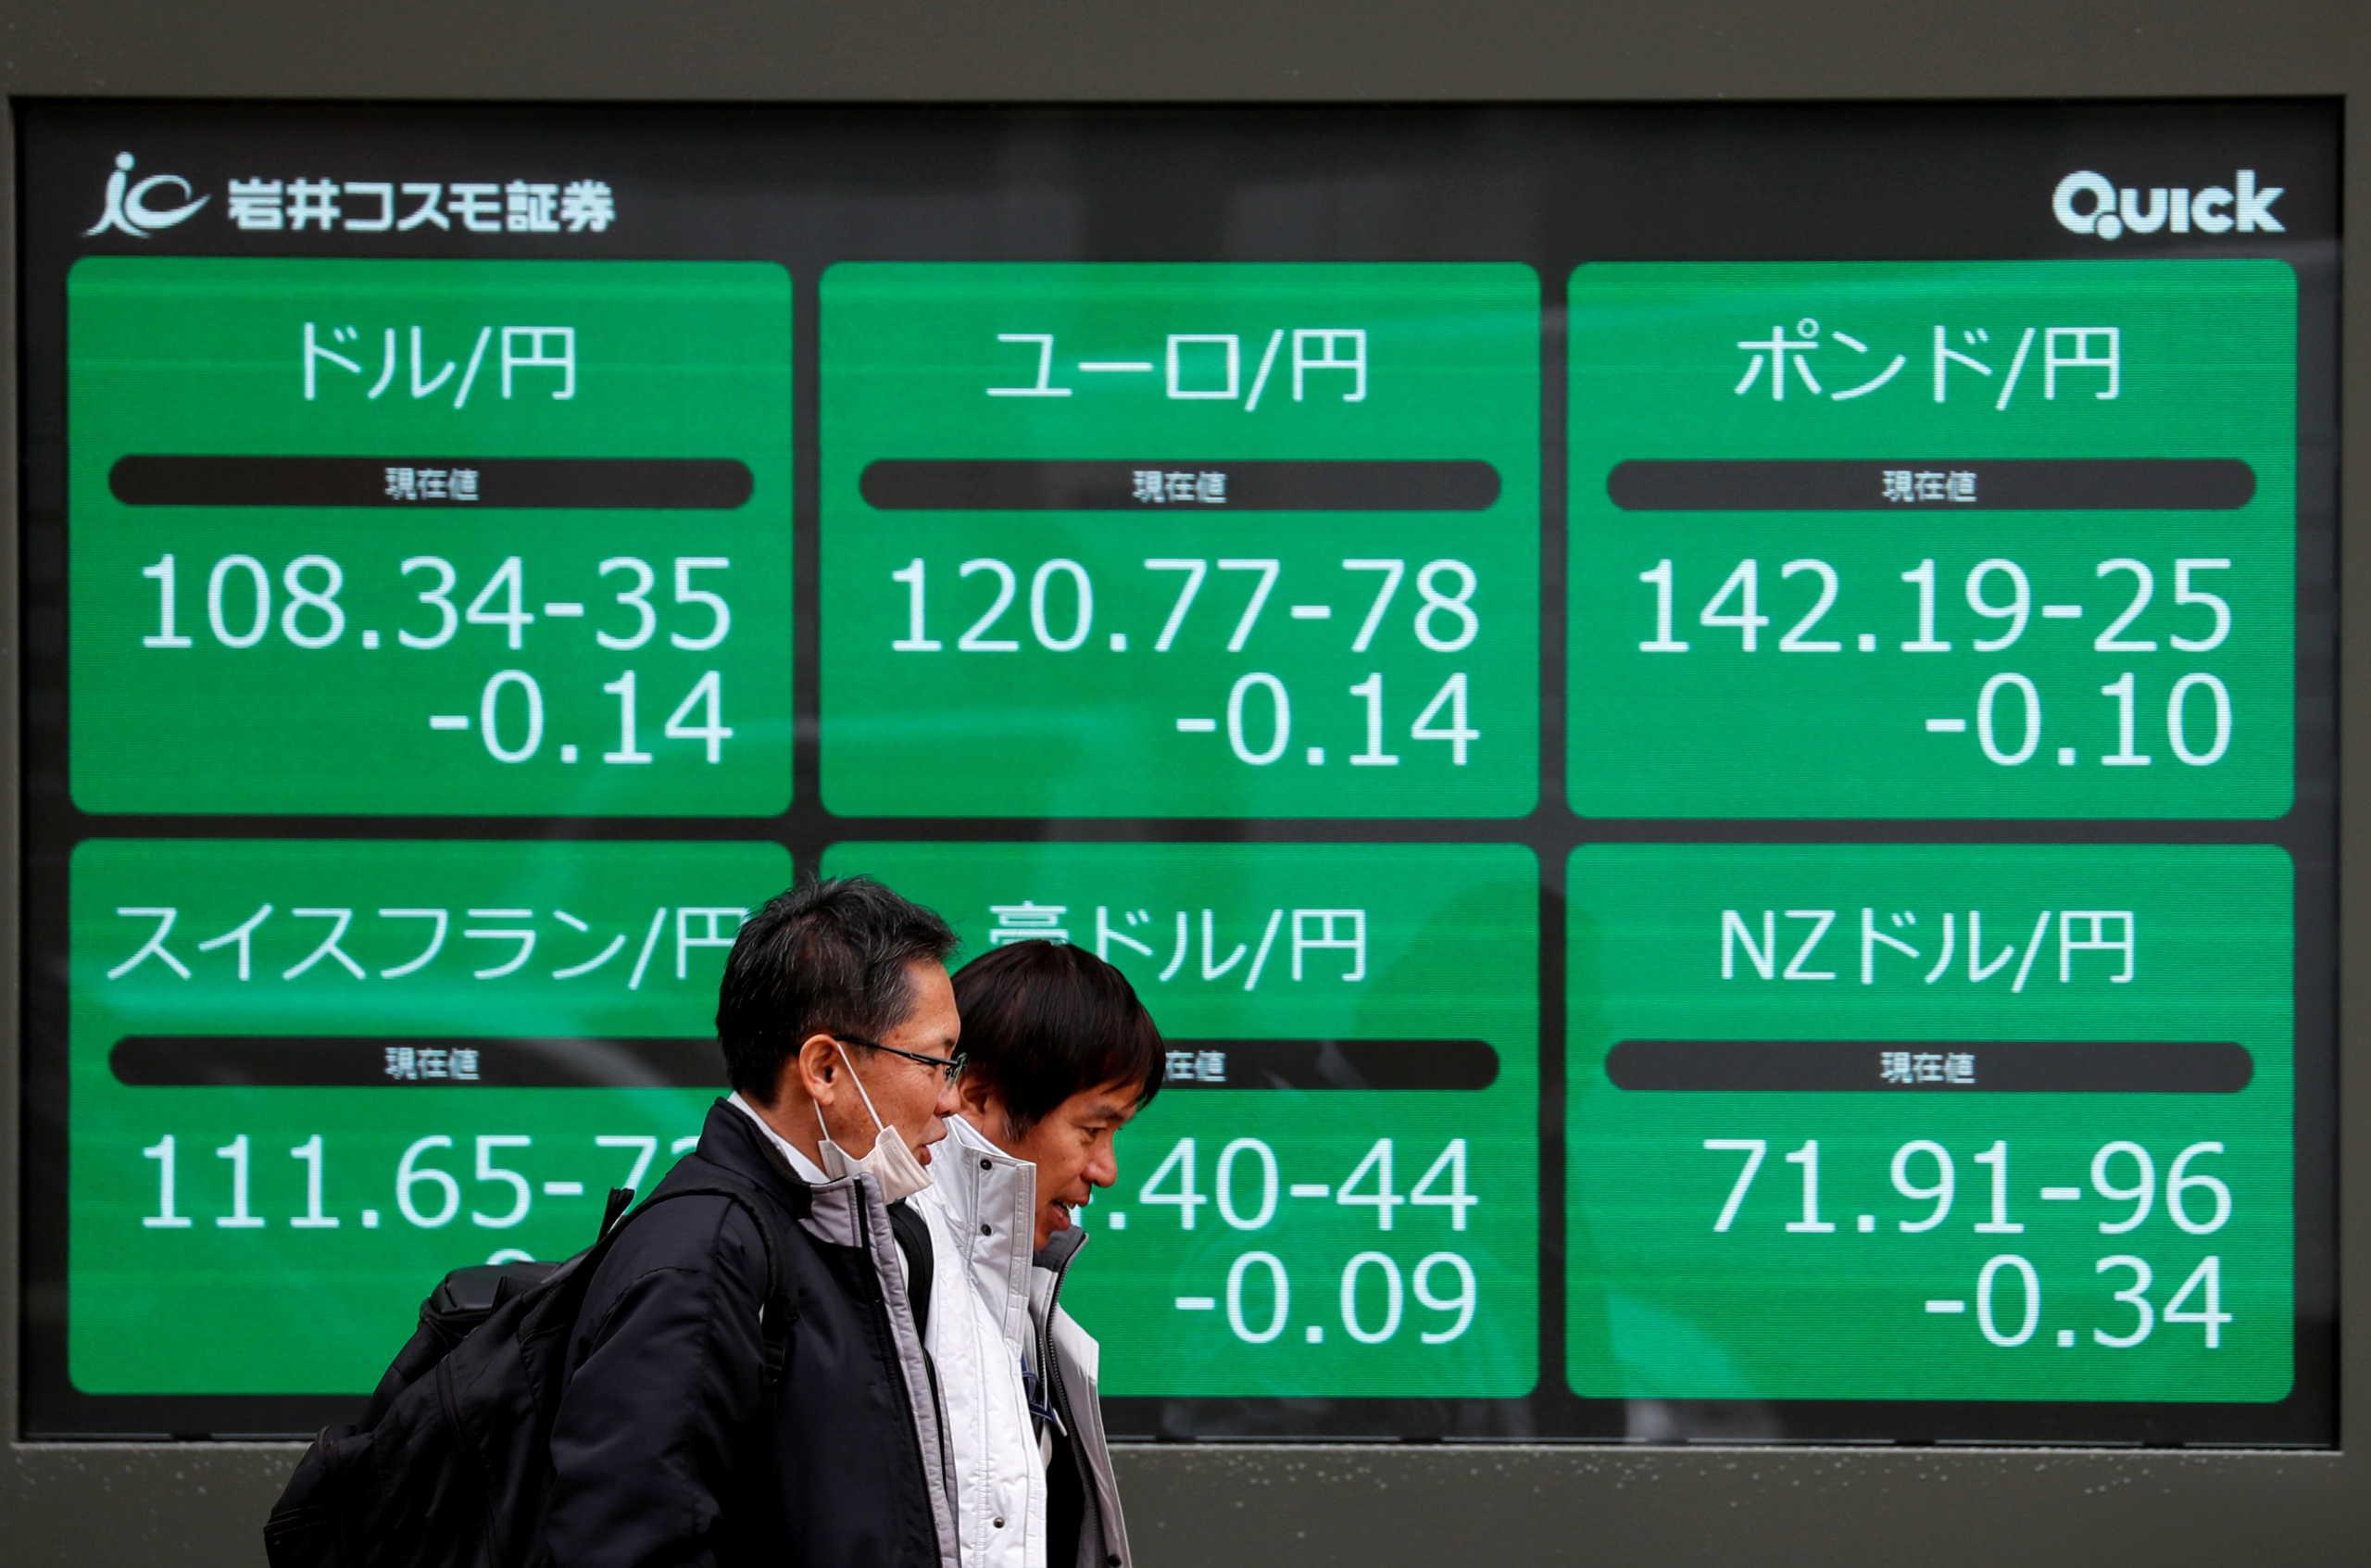 """Κορονοϊός: Πάει για κήρυξη κατάστασης έκτακτης ανάγκης η Ιαπωνία όπου """"καλπάζουν"""" τα κρούσματα"""